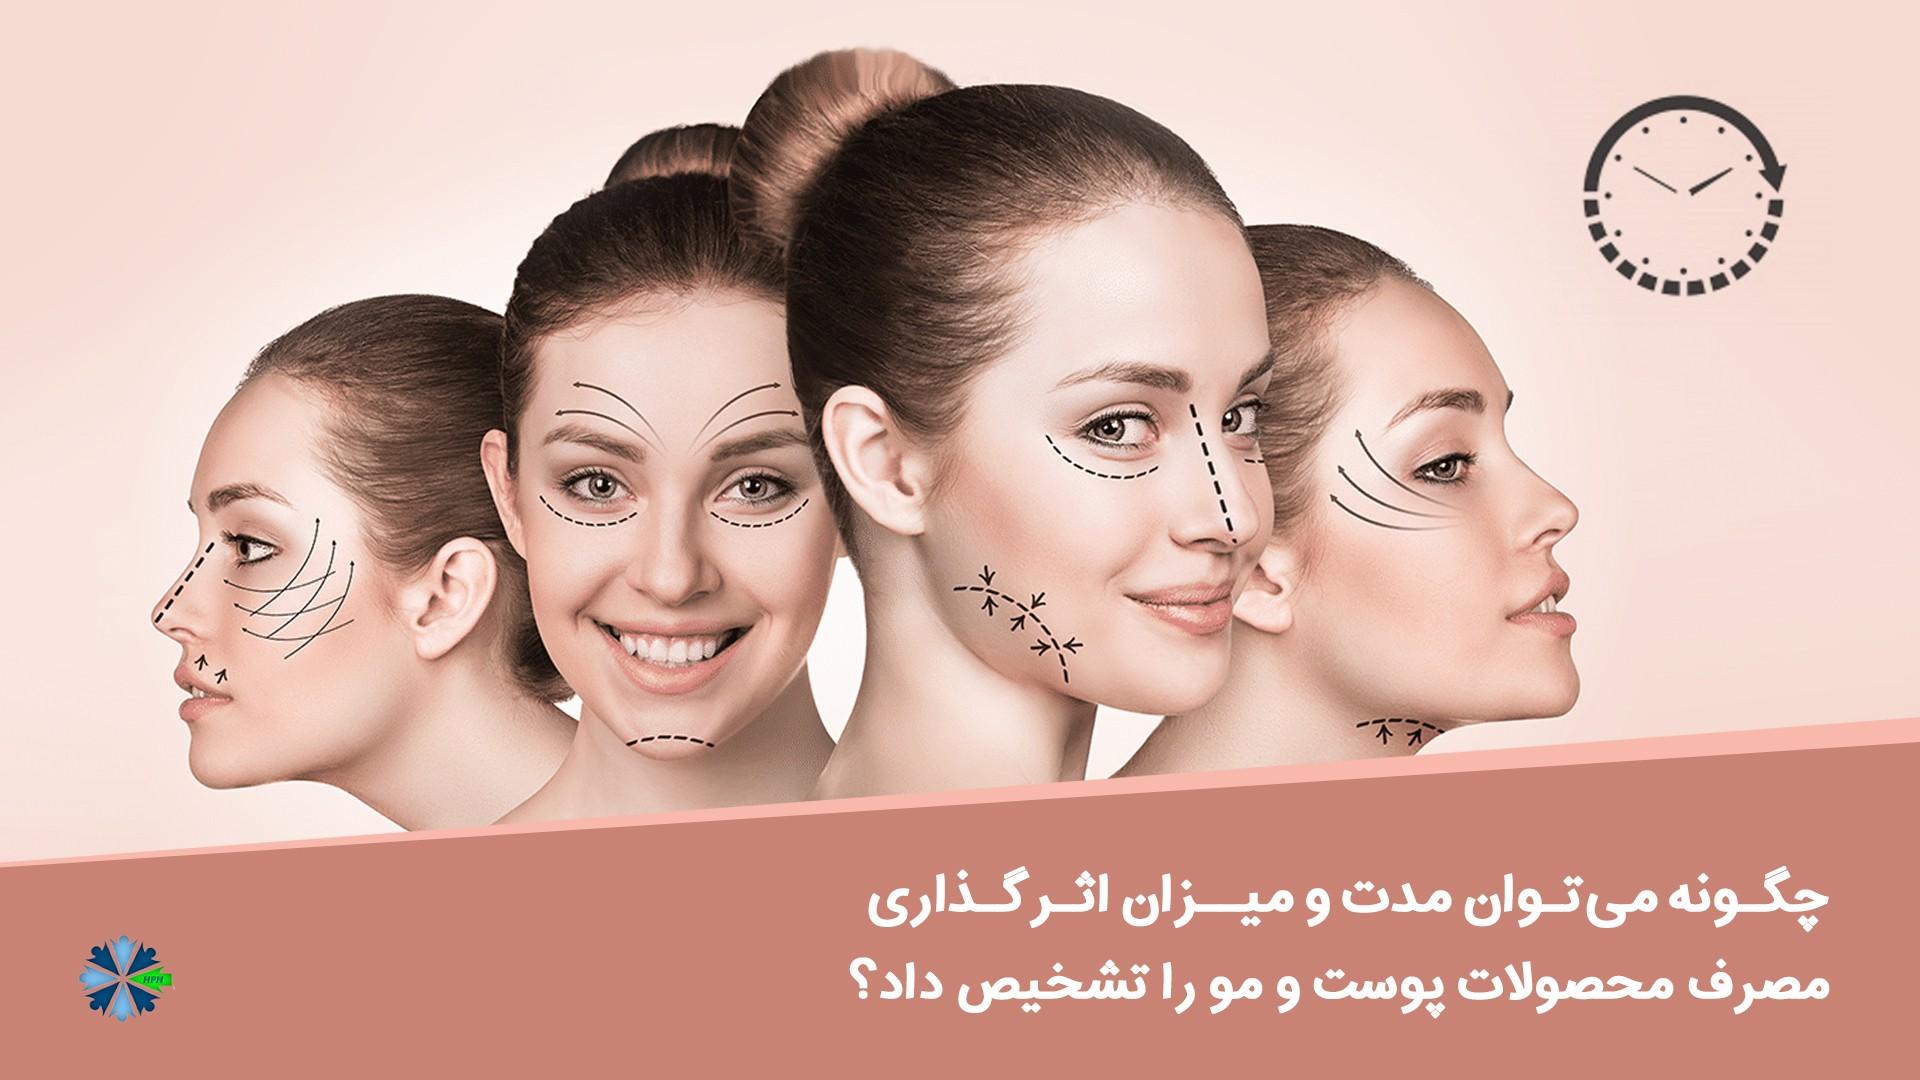 چگونگی تشخیص مدت و میزان تاثیر محصولات پوست و مو